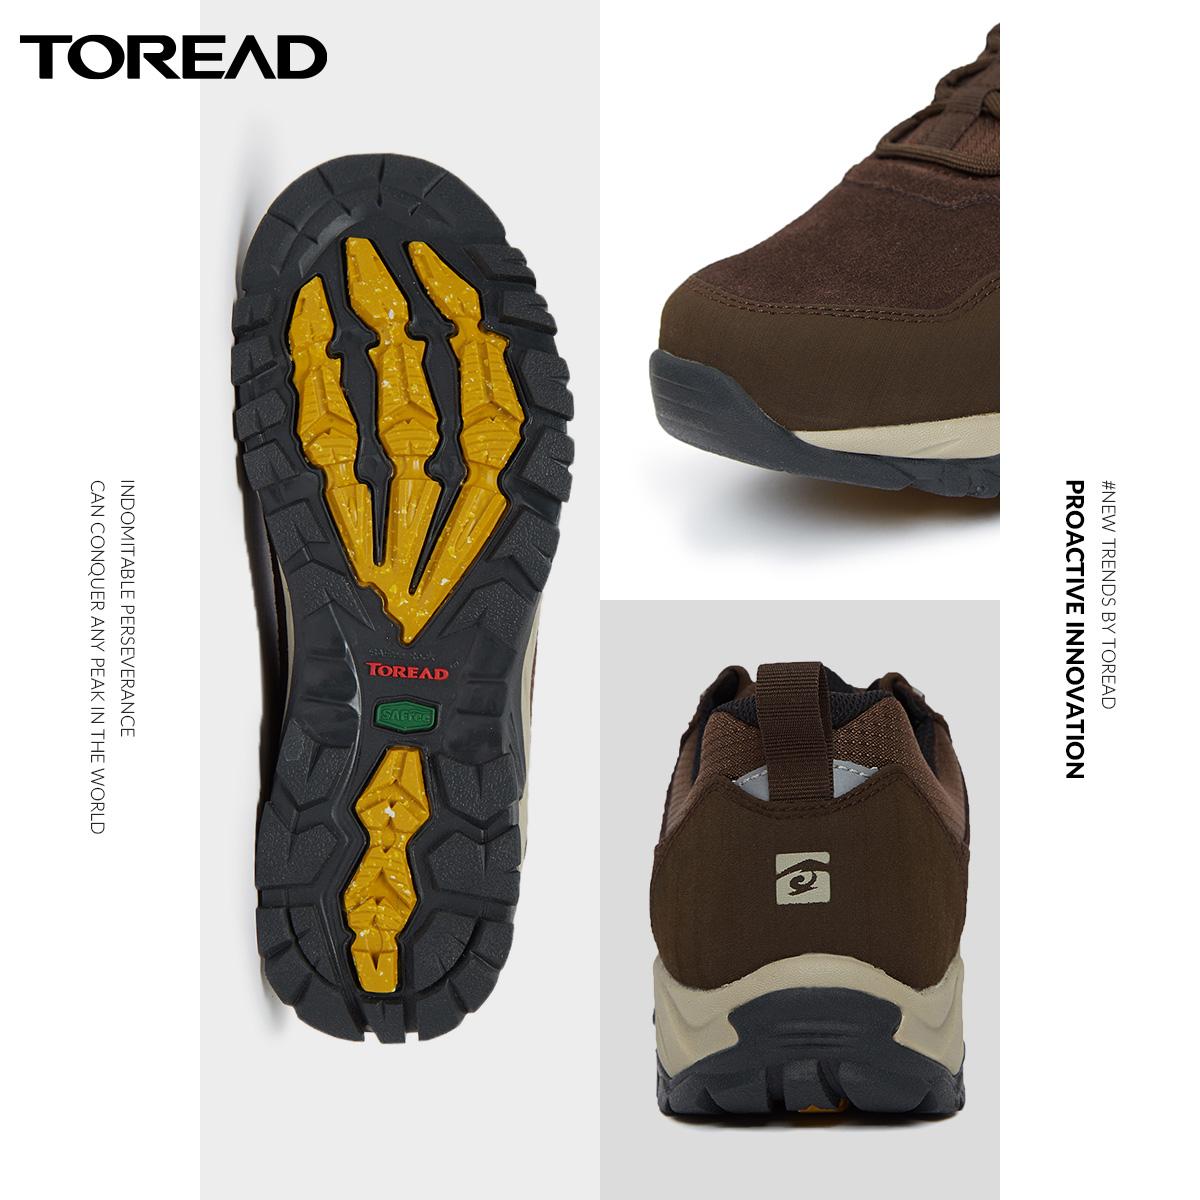 探路者 搭载多项科技 秋冬款 男女 户外徒步鞋 登山鞋